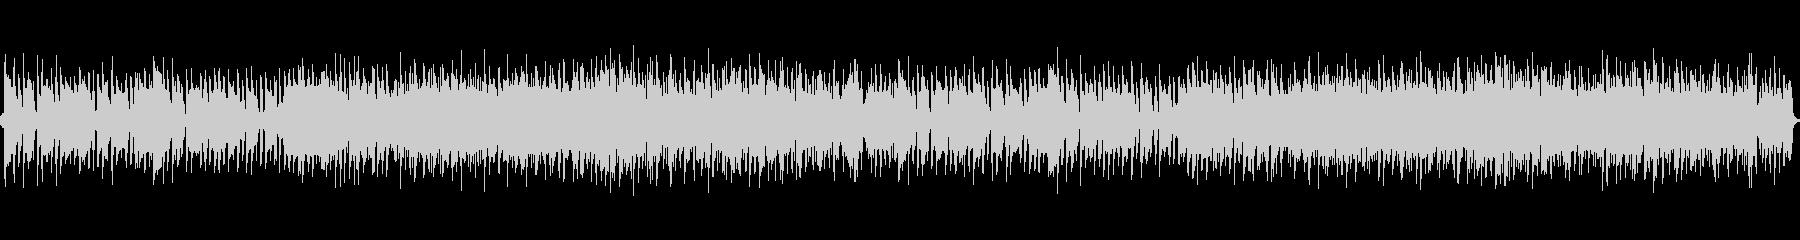 軽快でおしゃれなボサノバBGMの未再生の波形